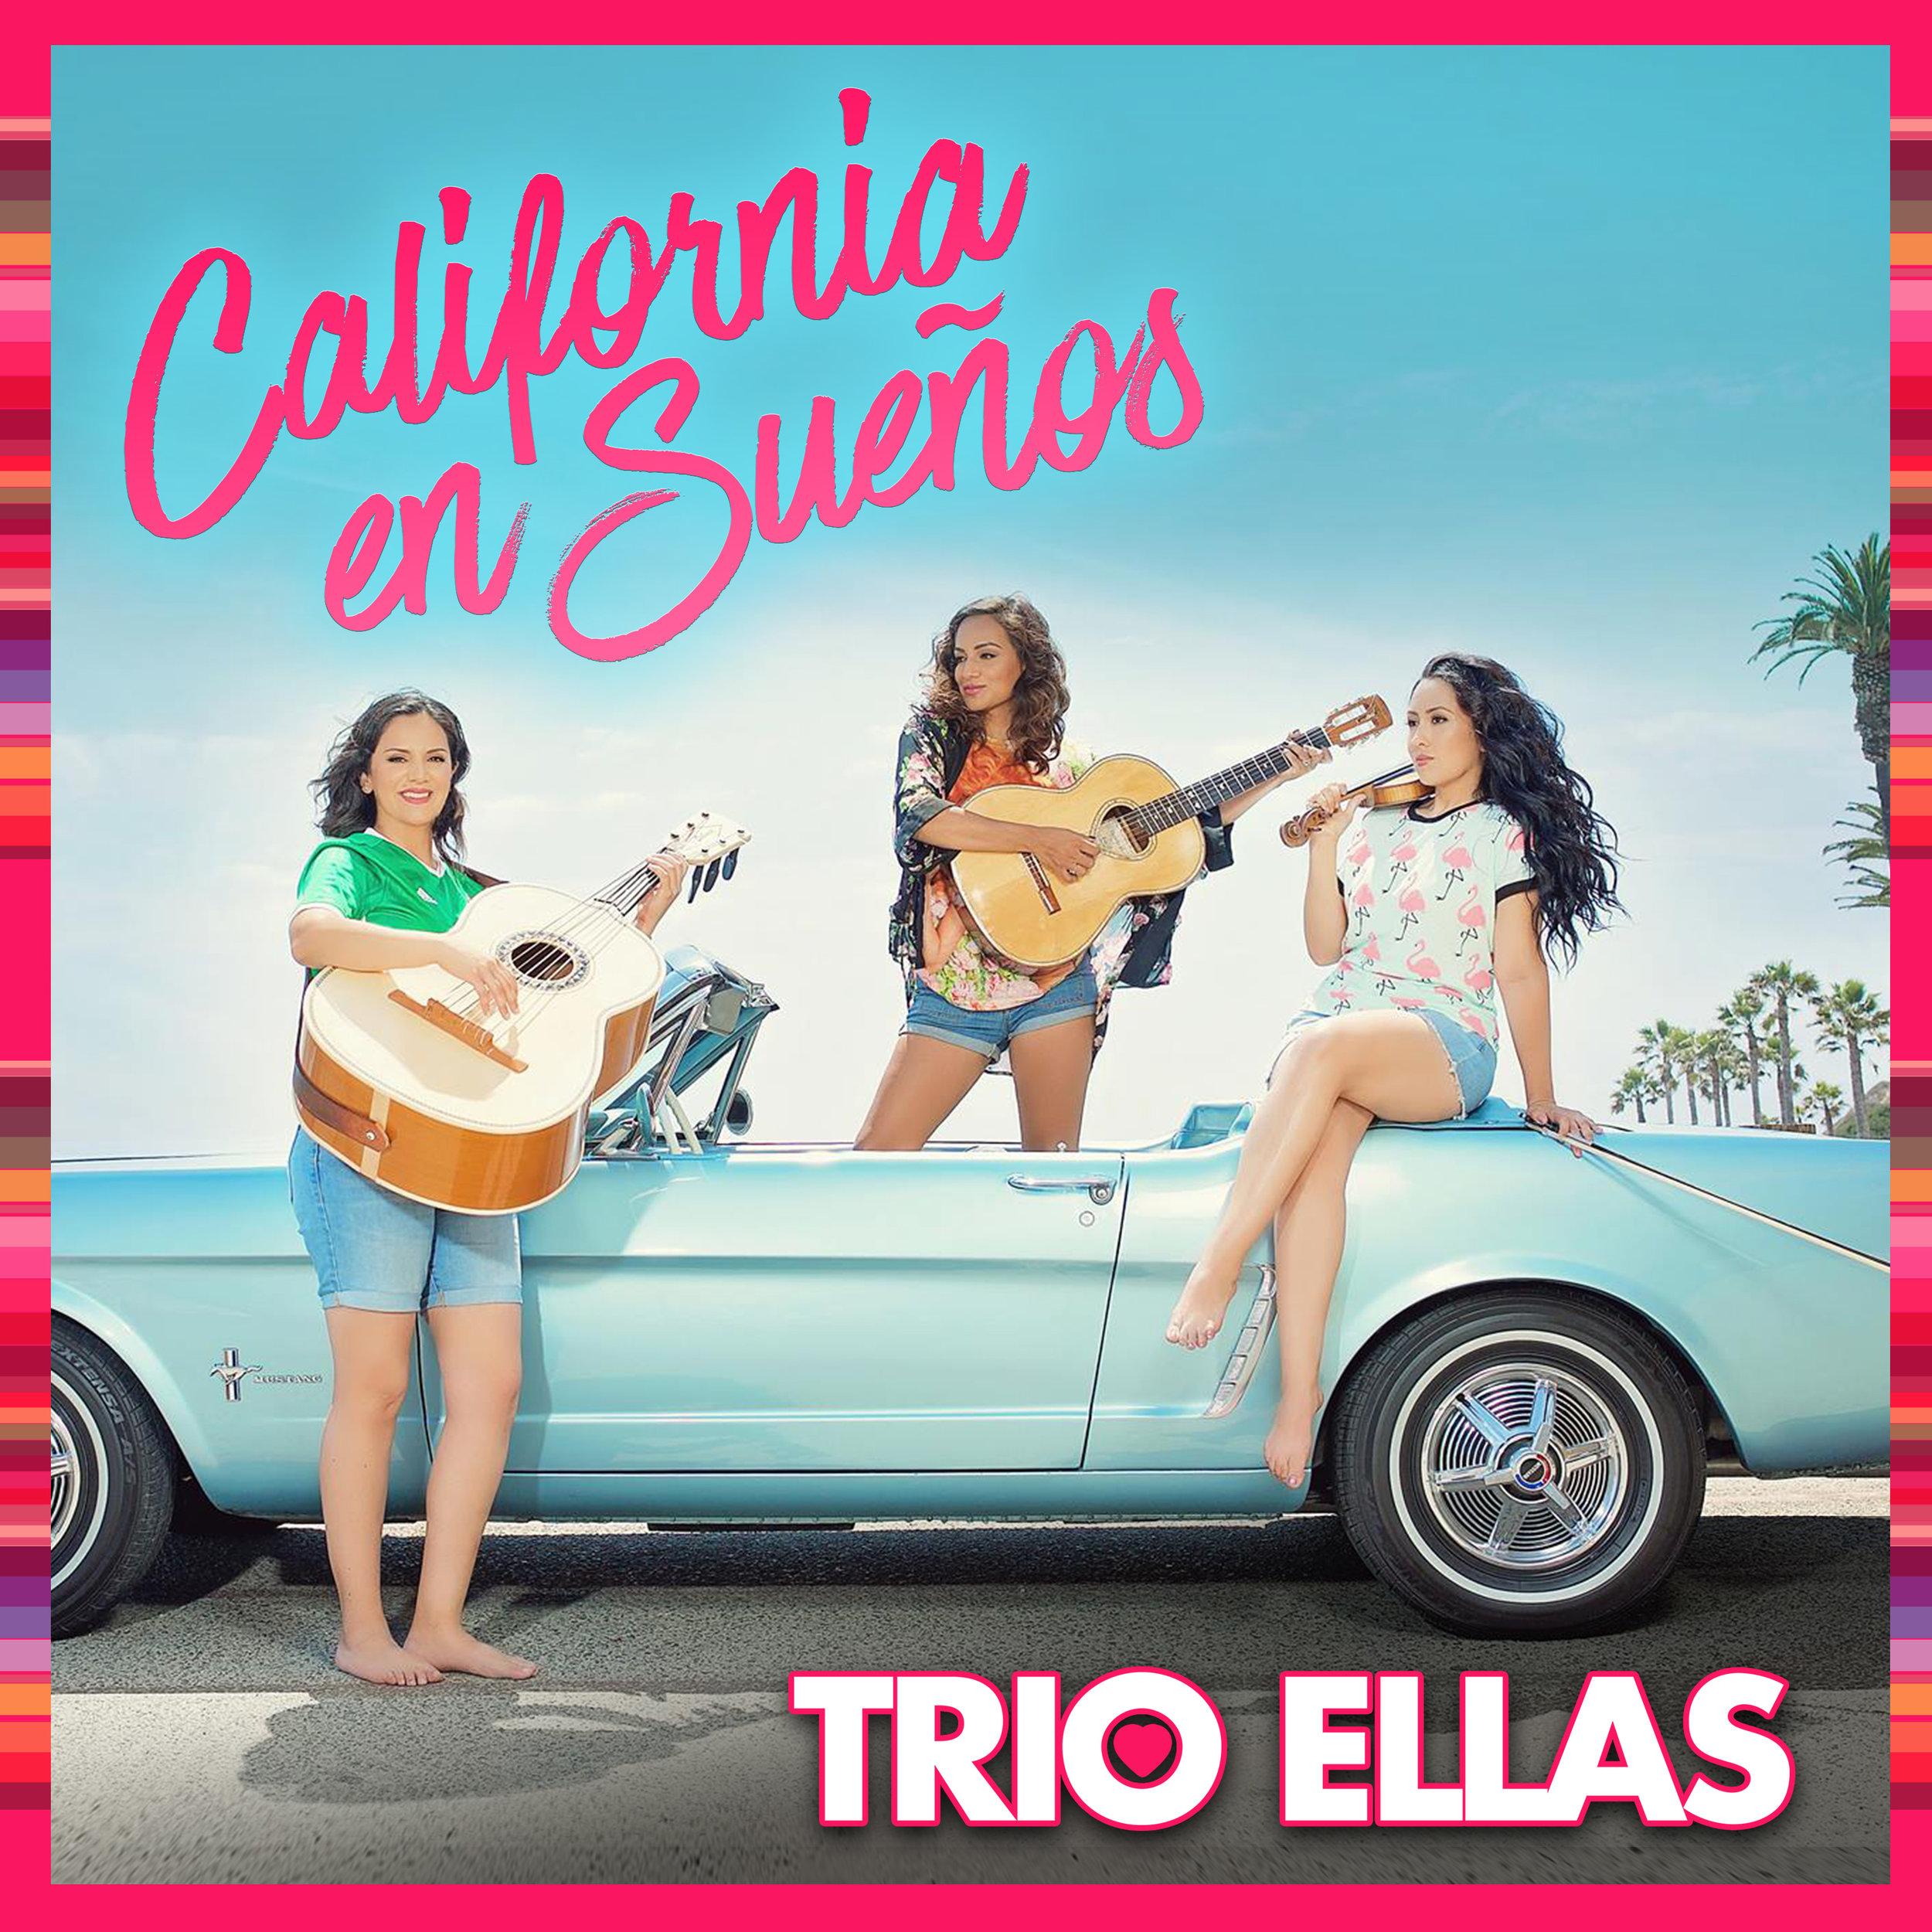 California En Sueños Single